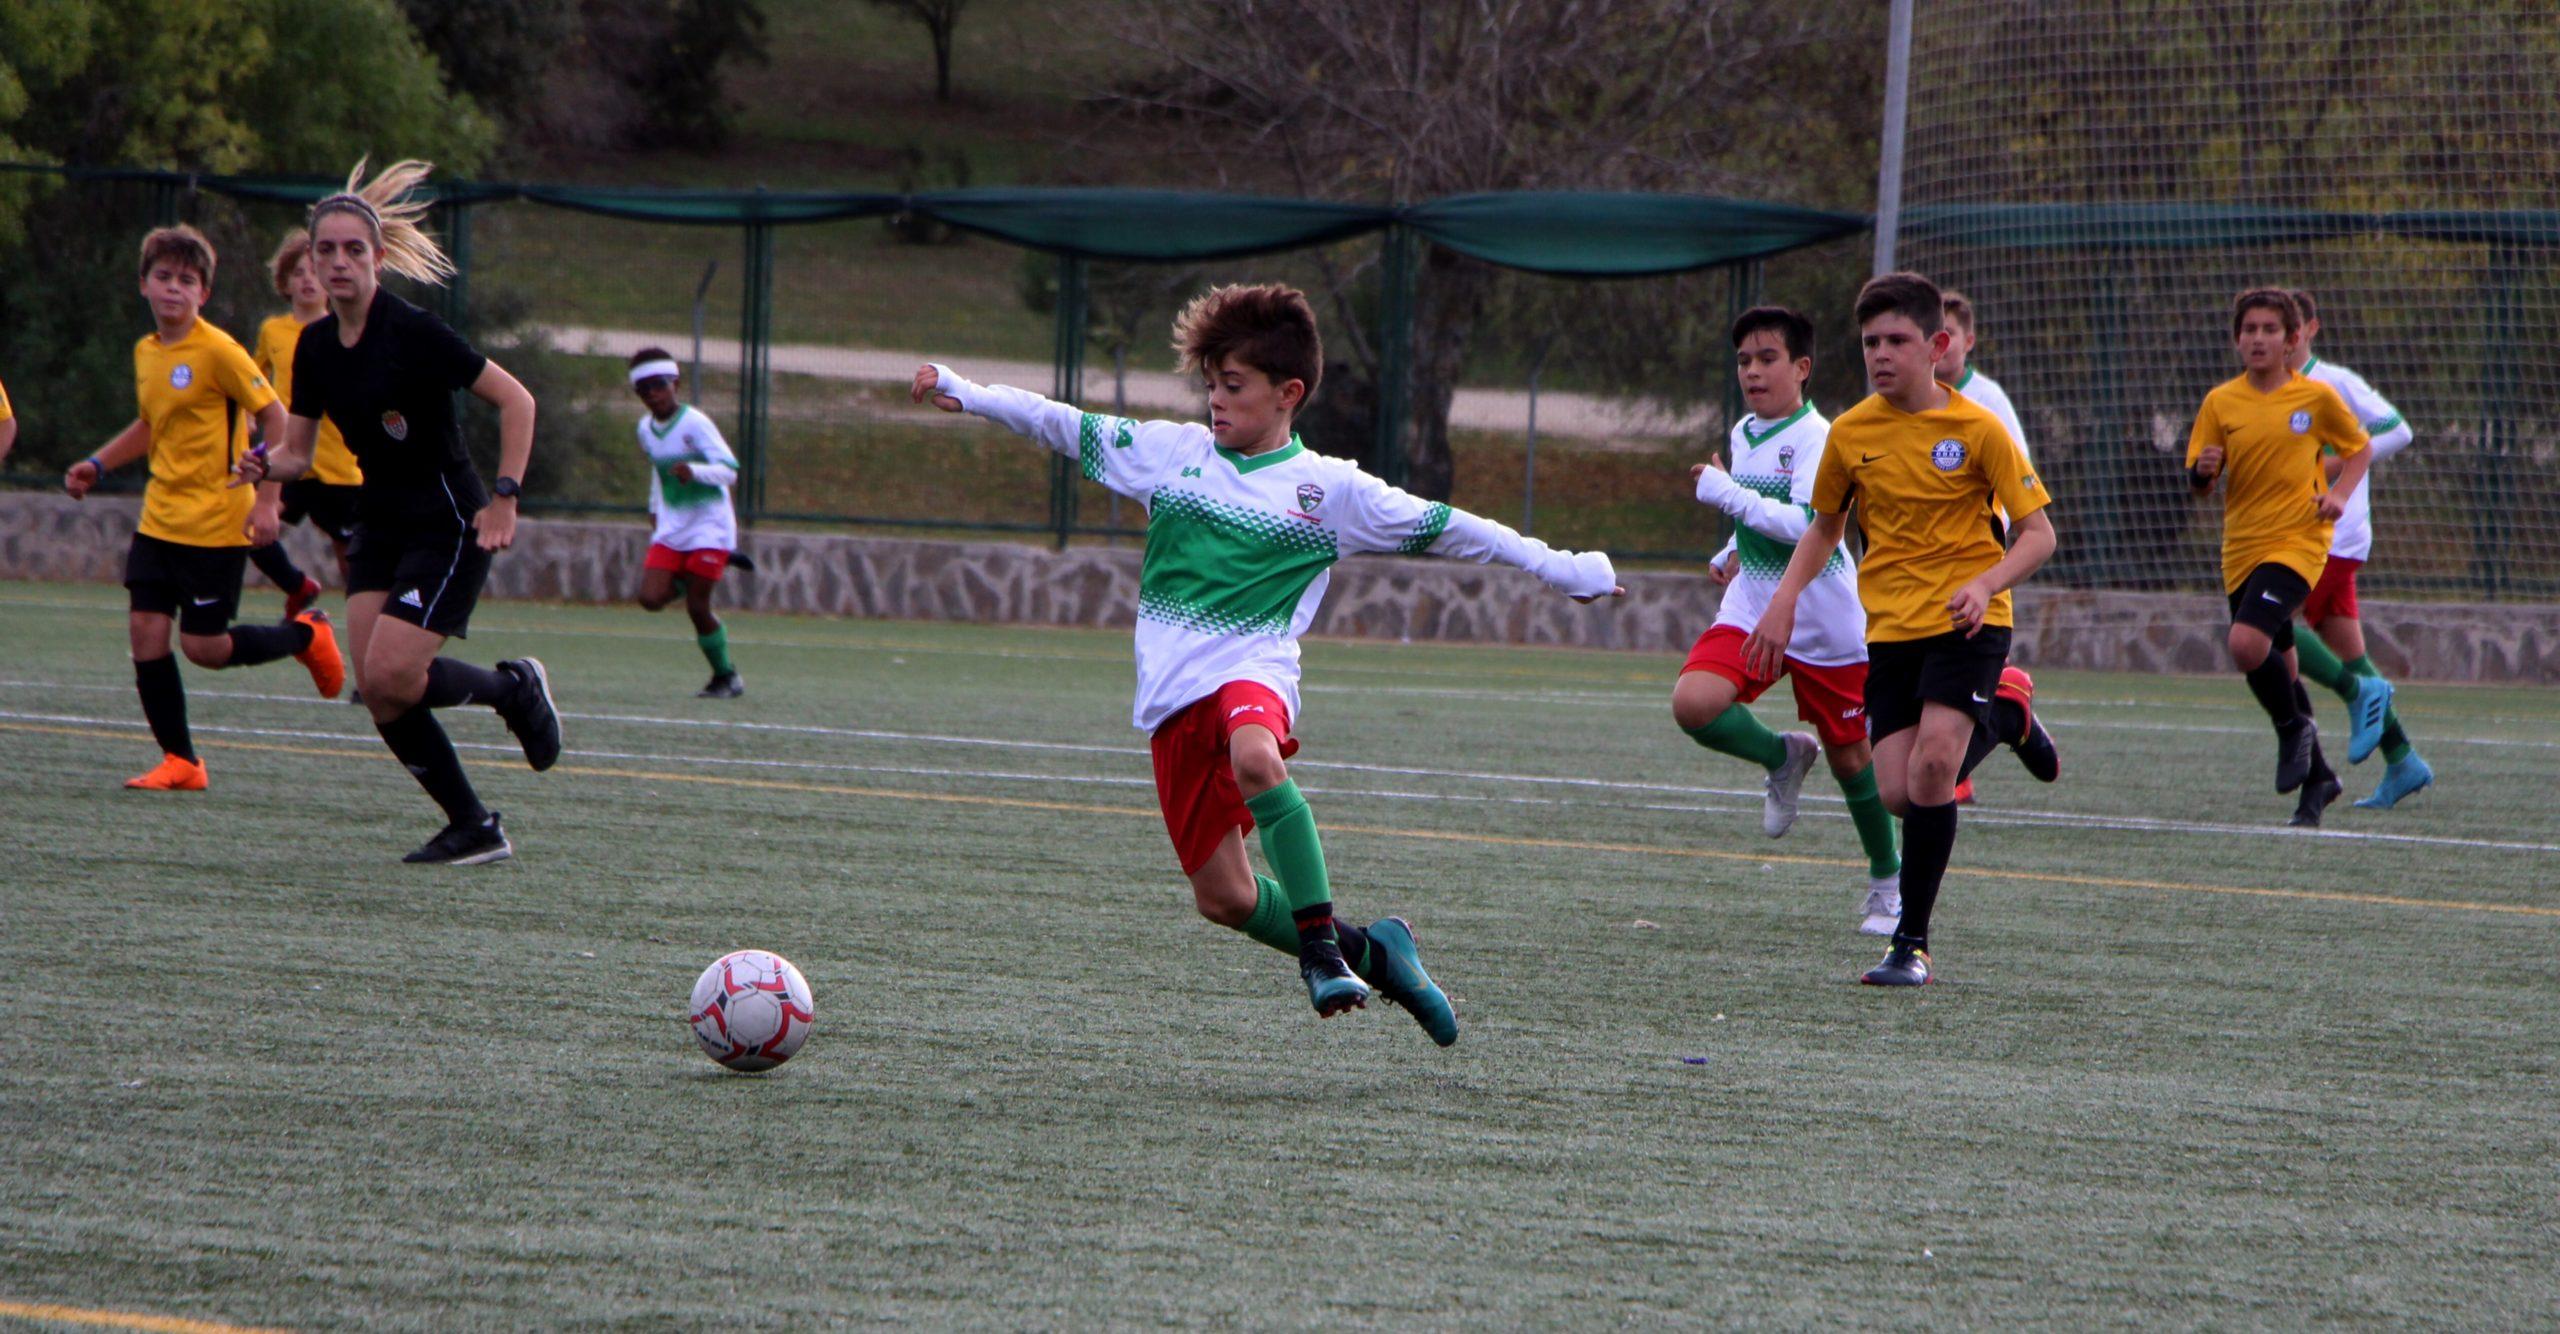 El Alevín «A» sale victorioso de su partido contra el Lugo Fuenlabrada